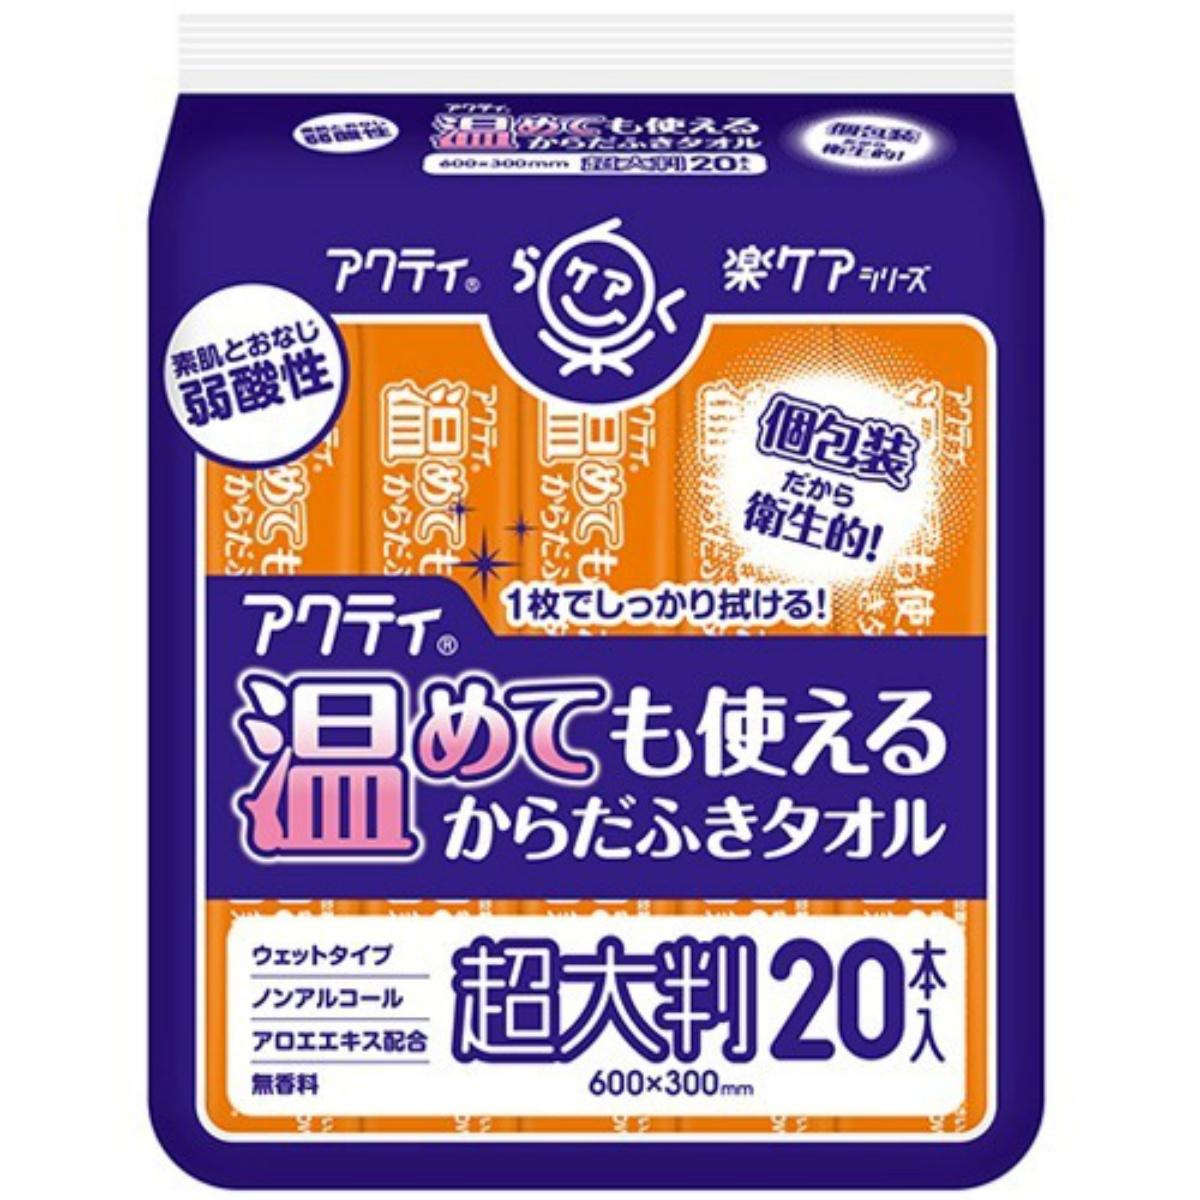 介護用ウエットティッシュ 4901750808051 日本製紙クレシア OUTLET SALE アクティ ラクケア 特売 個包装 1枚×20本入りパック 超大判 からだふきタオル 温めても使える